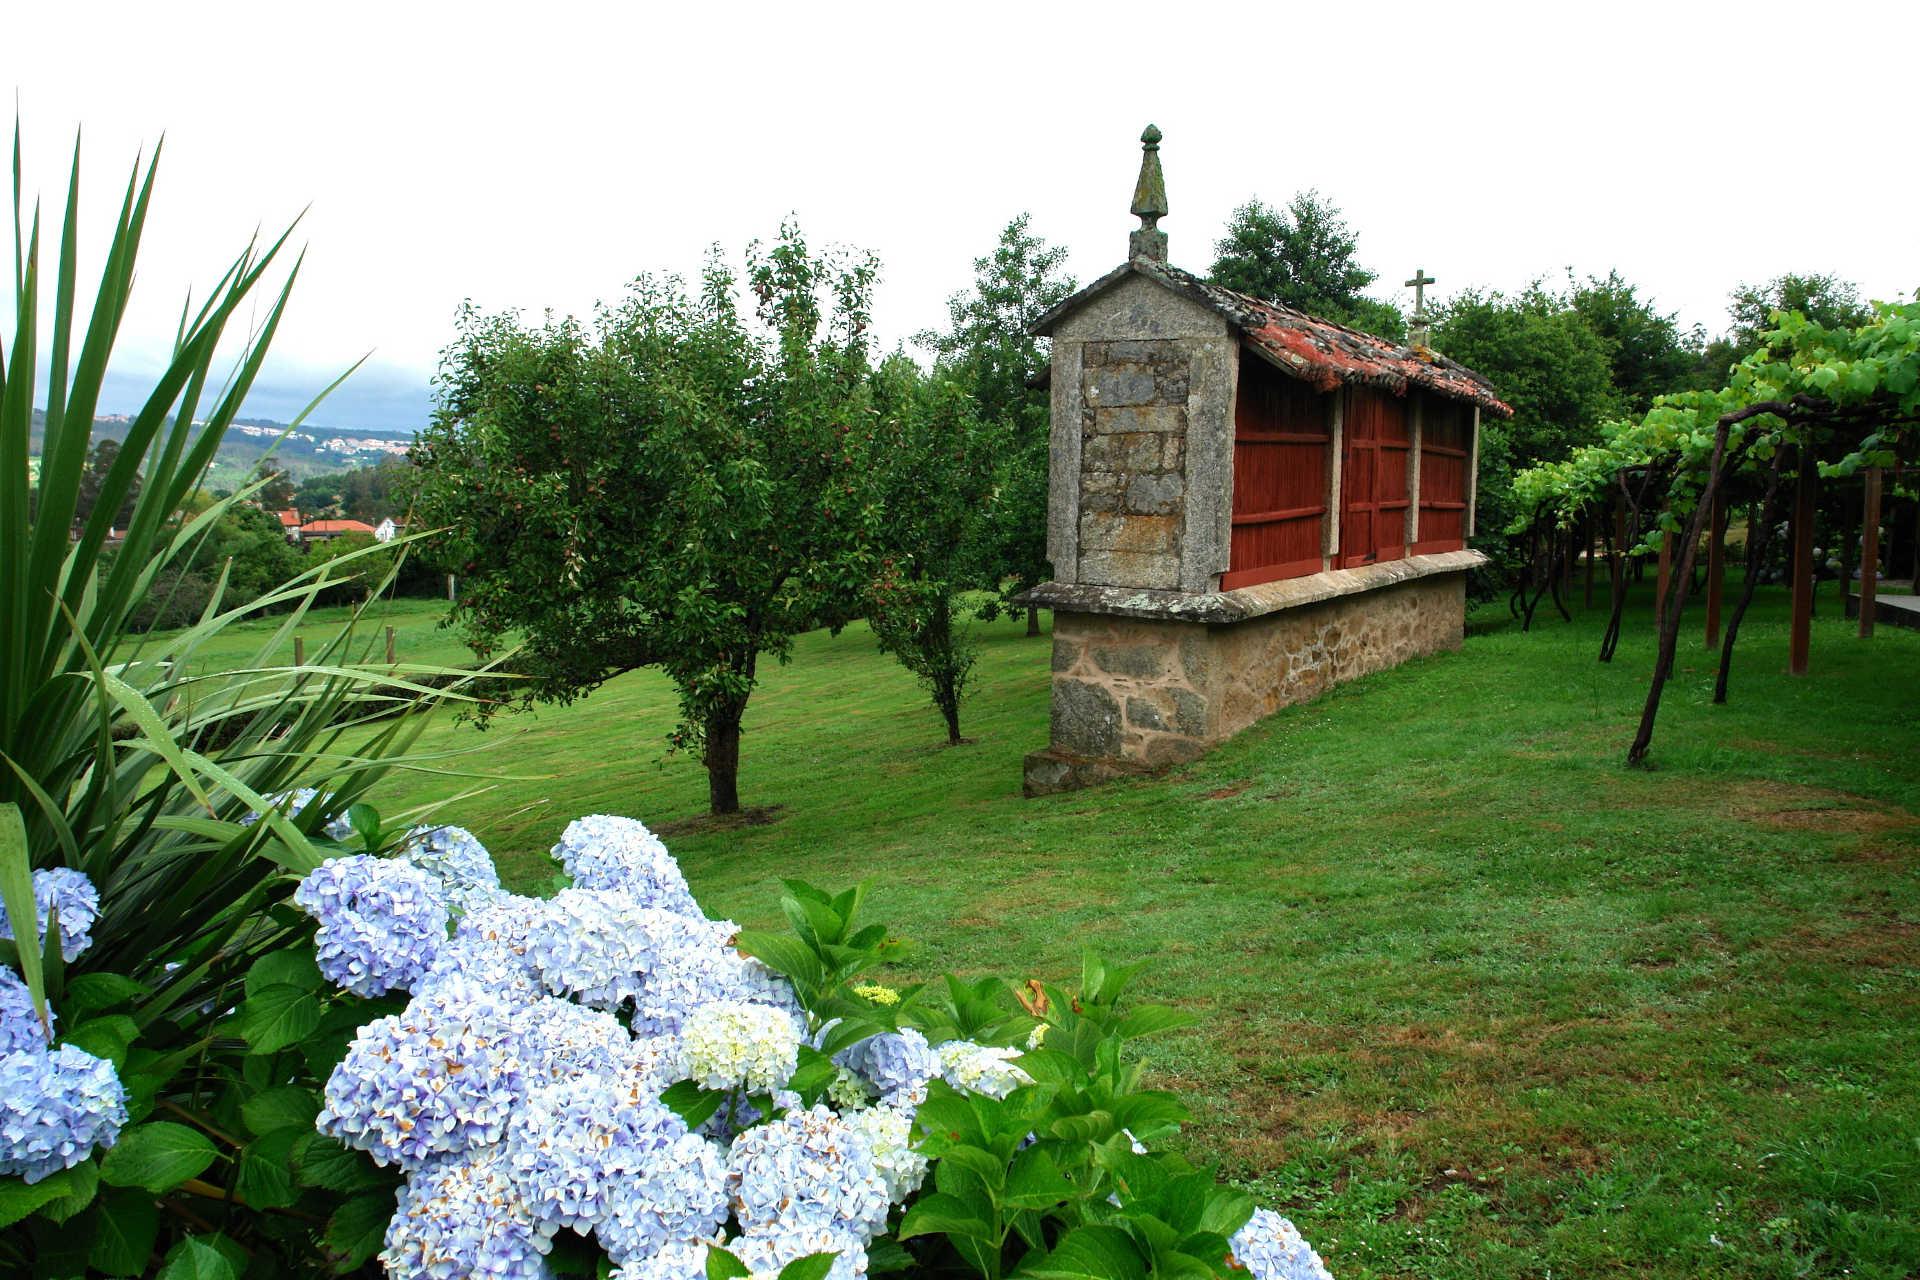 Horreo casa rural as seis chemineas casa rural as seis for Casa rural mansion terraplen seis